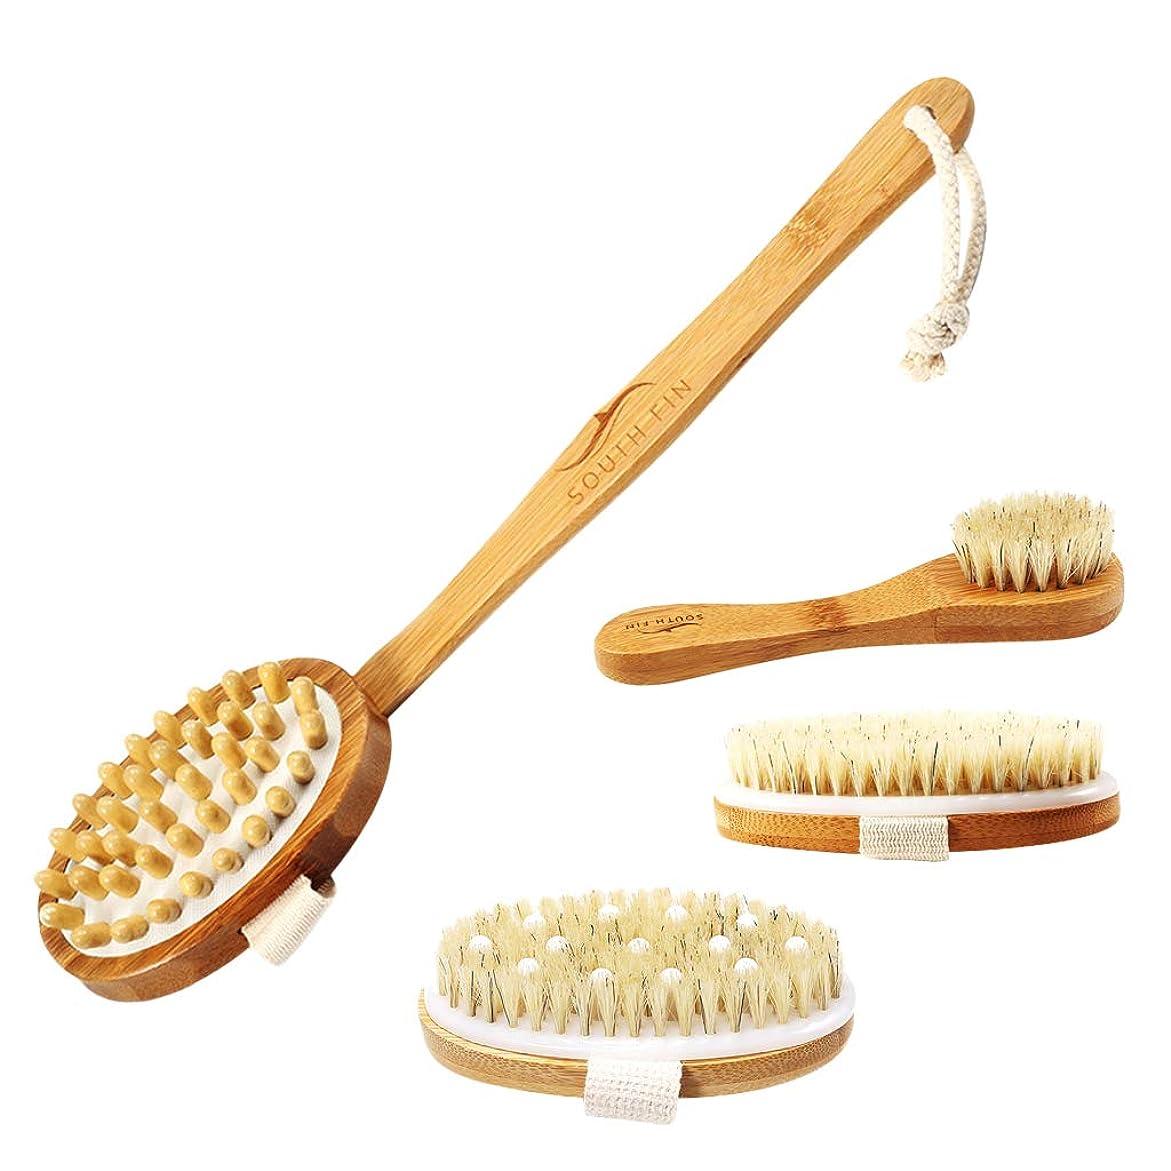 脅かすオーストラリア人ウナギgazechimp シャワーブラシ ボディブラシ 剛毛 天然竹 角質除去 血行促進 お風呂用 男女兼用 5個入